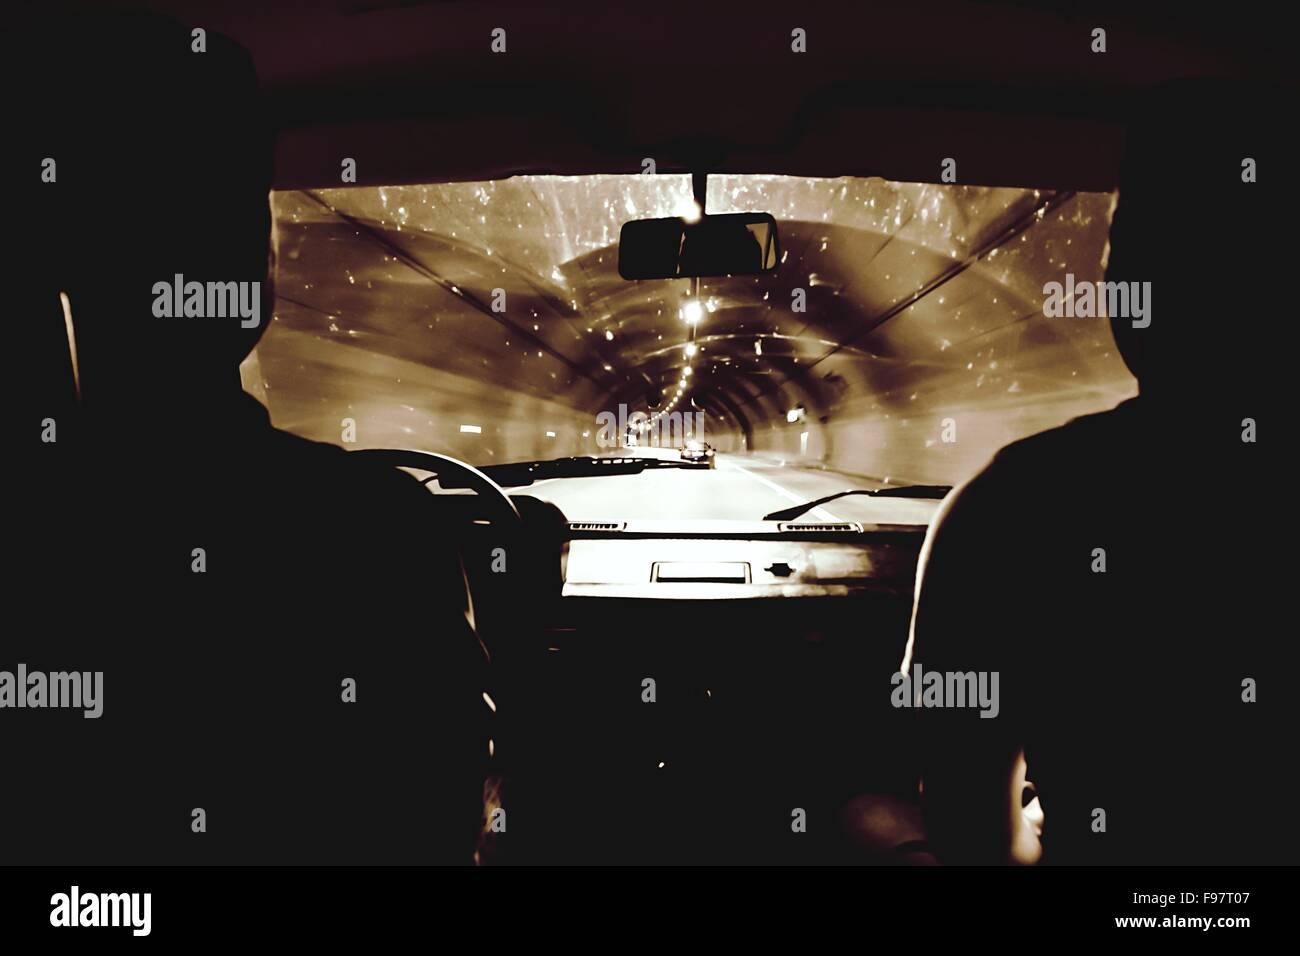 Silhouette persone guida auto nel tunnel illuminato Immagini Stock